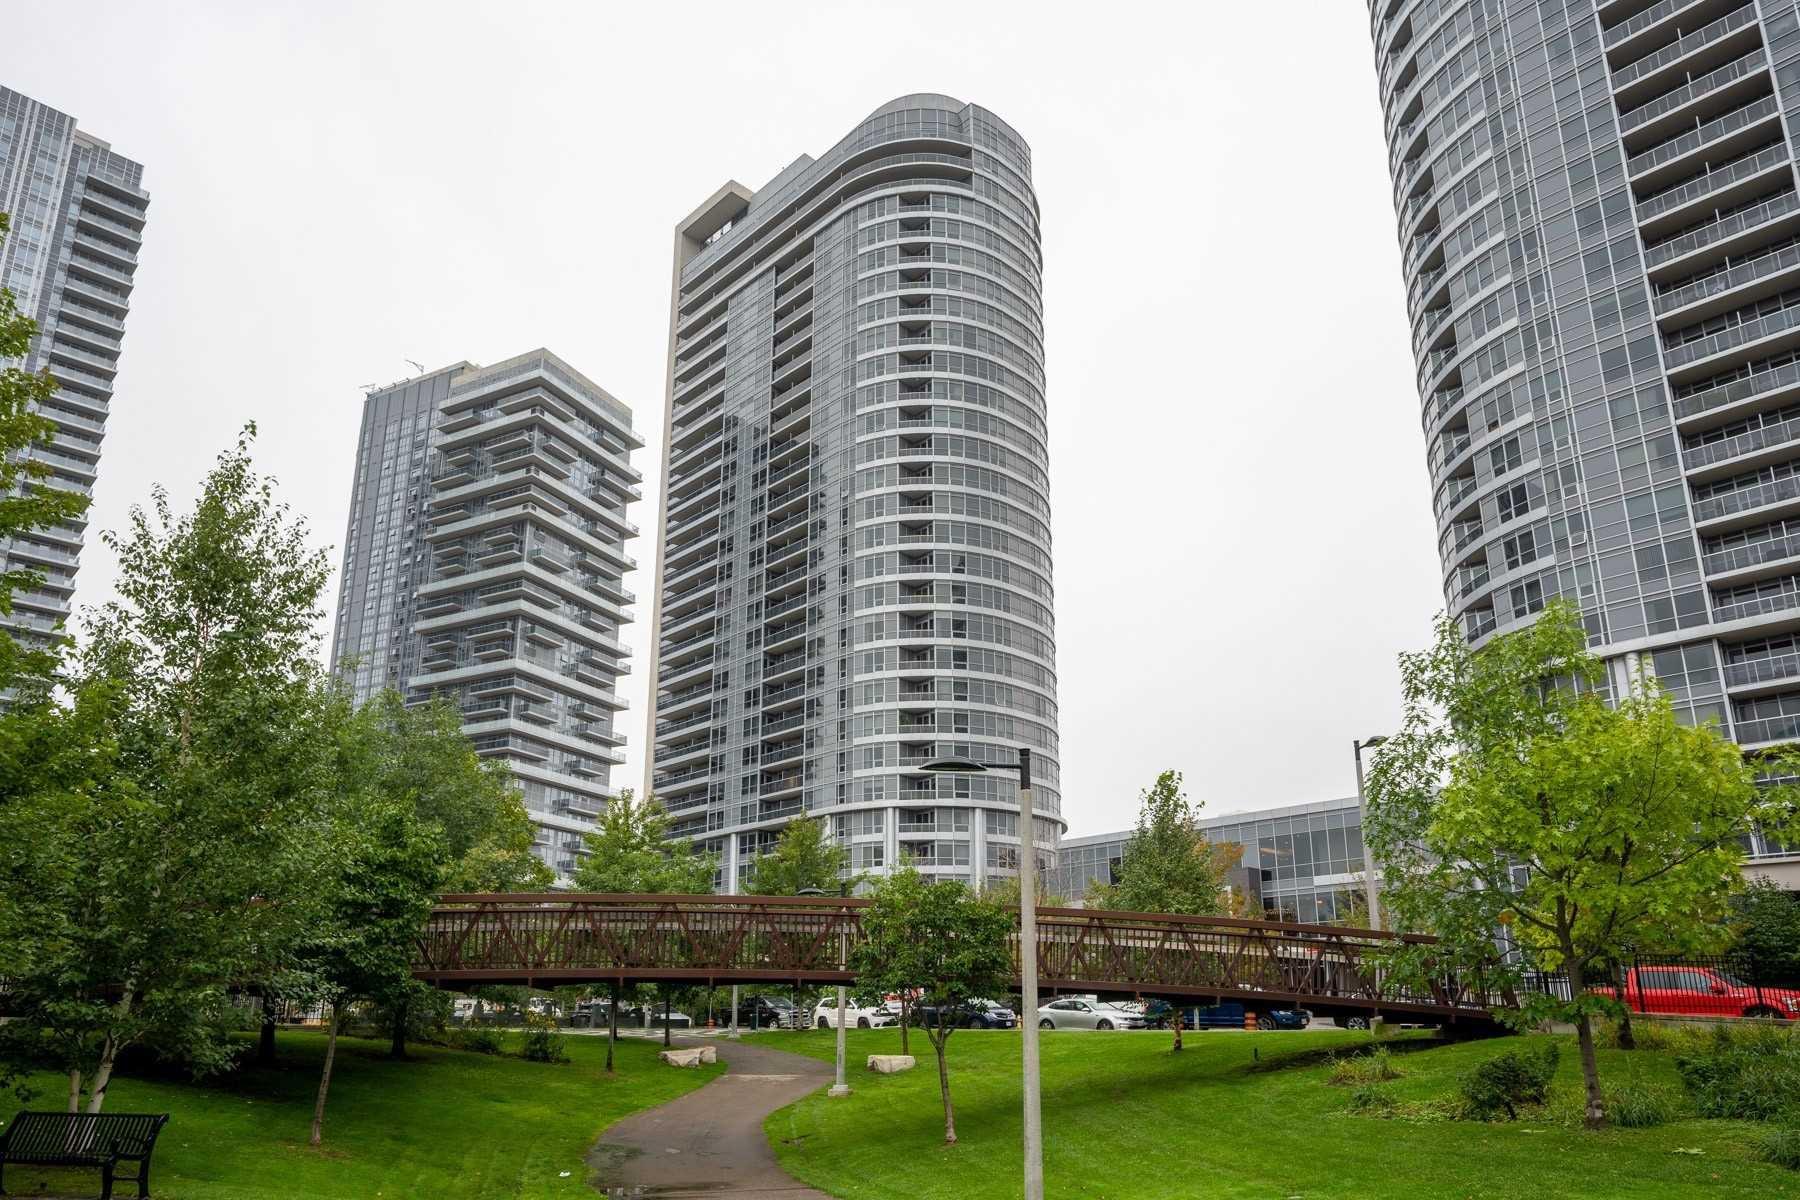 Main Photo: 118 181 Village Green Square in Toronto: Agincourt South-Malvern West Condo for sale (Toronto E07)  : MLS®# E4906059